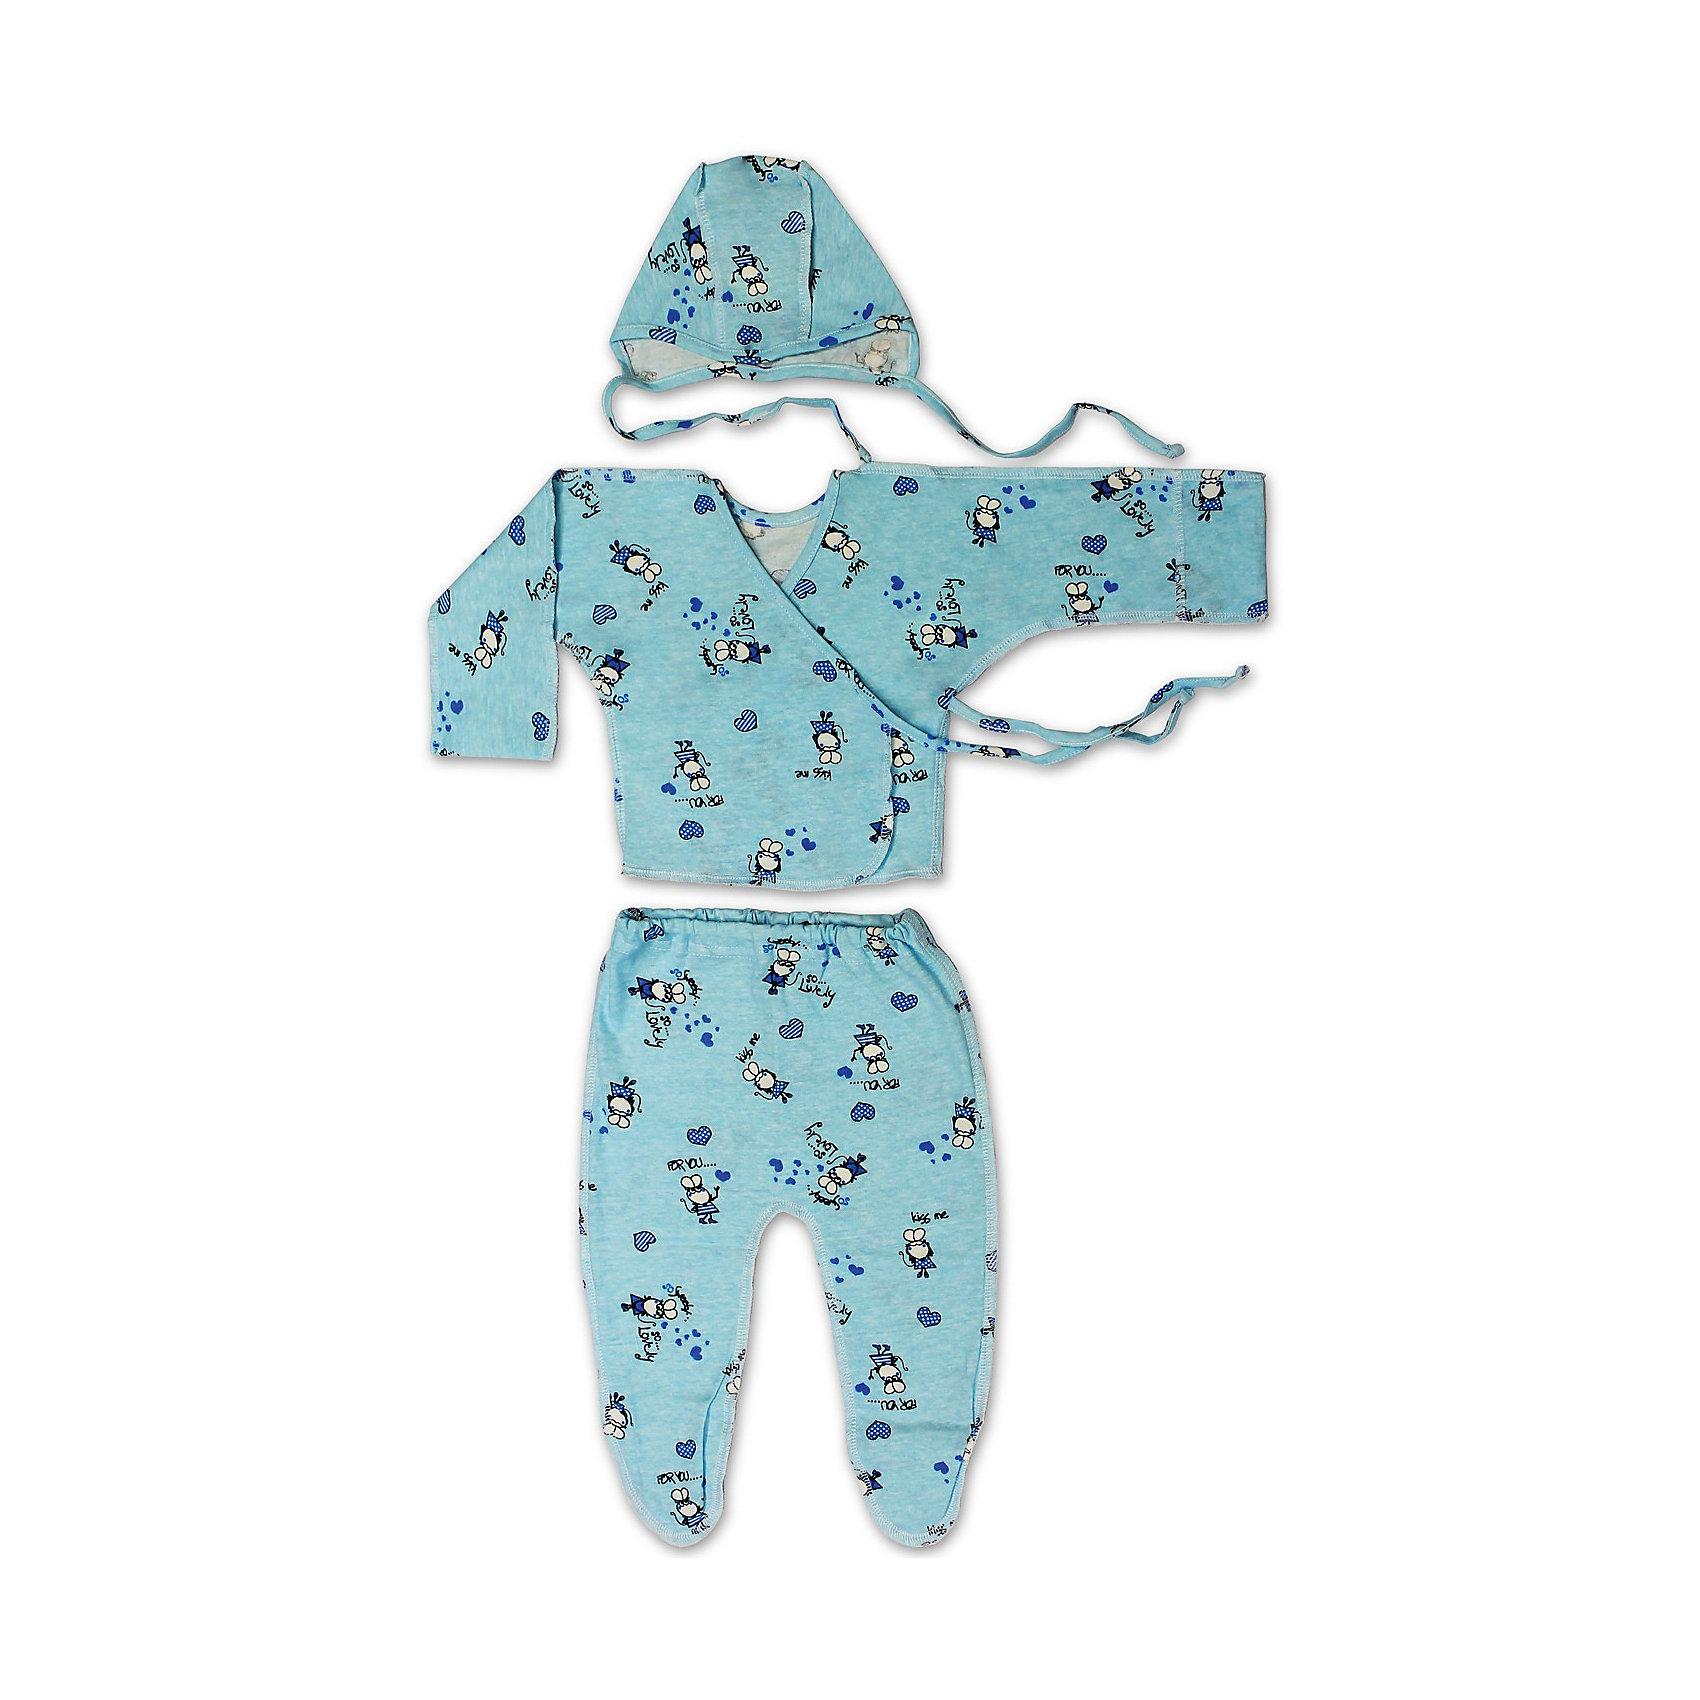 Комплект стерильного белья для новорожденного ФЭСТКомплект стерильного белья для новорожденного ФЭСТ можно брать с собой в перинатальное отделение, роддом и другие стационары, где инфекционной безопасности уделяется особое внимание.<br><br>Позаботьтесь о безопасности своего малыша — возьмите с собой в роддом этот симпатичный комплект, выполненный из трикотажного хлопкового полотна с набивным рисунком.<br><br>В комплект входят ползунки, распашонка, чепчик.<br>Для удобства малыша модели выполнены швами наружу.<br><br>Комплект предназначен для использования как в больнице, так и дома, после выписки.<br><br><br>Состав: хлопок-100%<br><br>Ширина мм: 157<br>Глубина мм: 13<br>Высота мм: 119<br>Вес г: 200<br>Цвет: голубой<br>Возраст от месяцев: 0<br>Возраст до месяцев: 3<br>Пол: Унисекс<br>Возраст: Детский<br>Размер: 56<br>SKU: 4918306